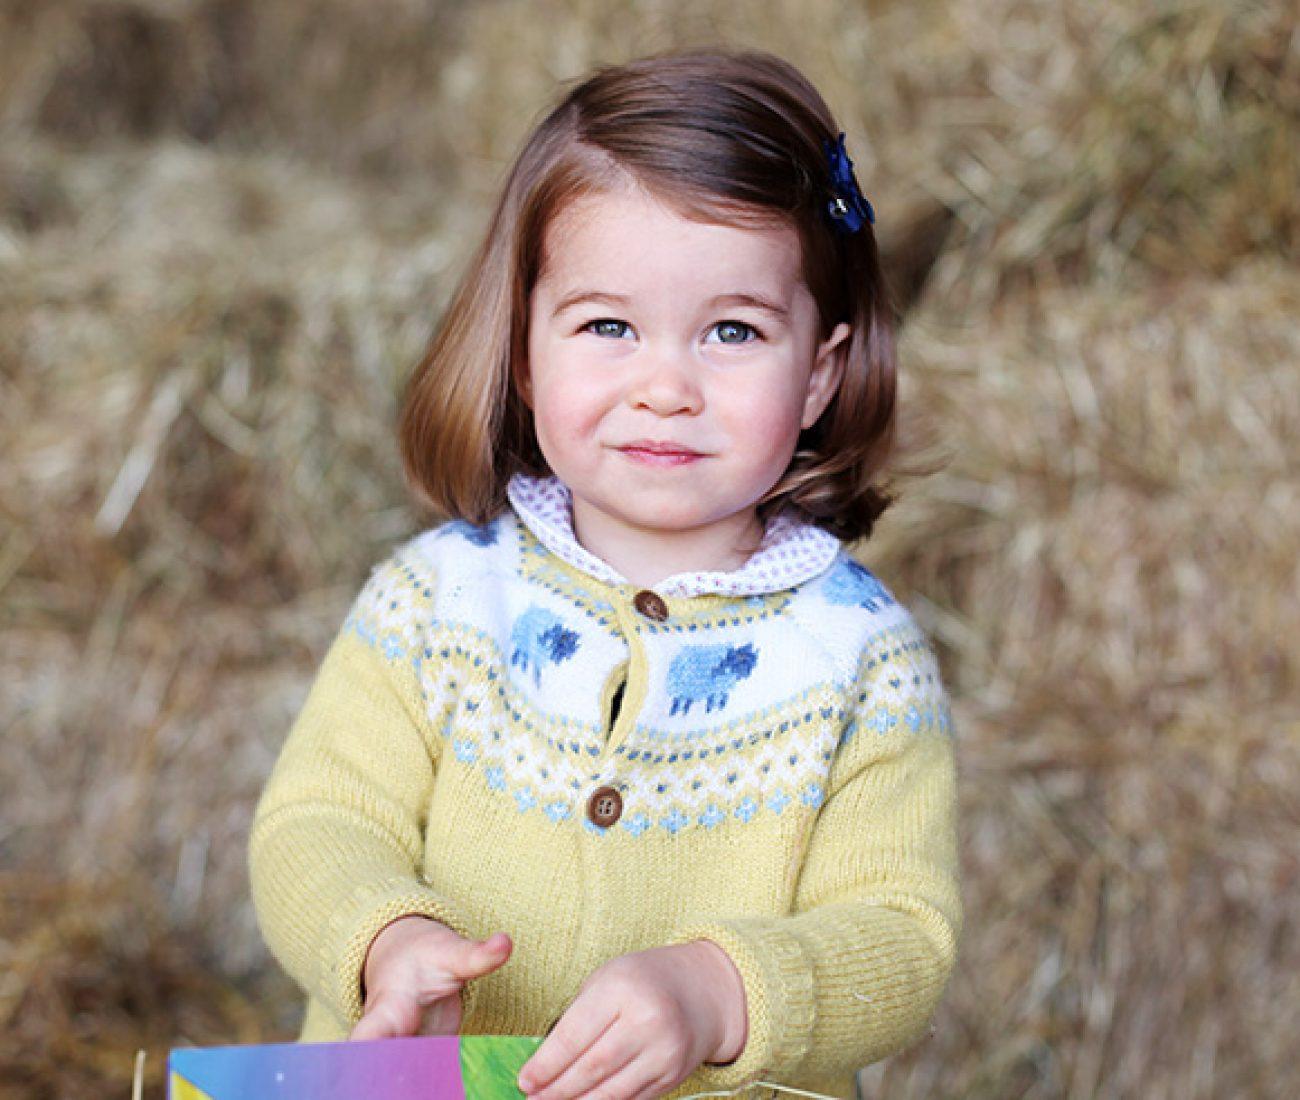 Është vetëm 3 vjeç  por princeshë Charotte i duhet të zbatojë patjetër këto 10 rregulla